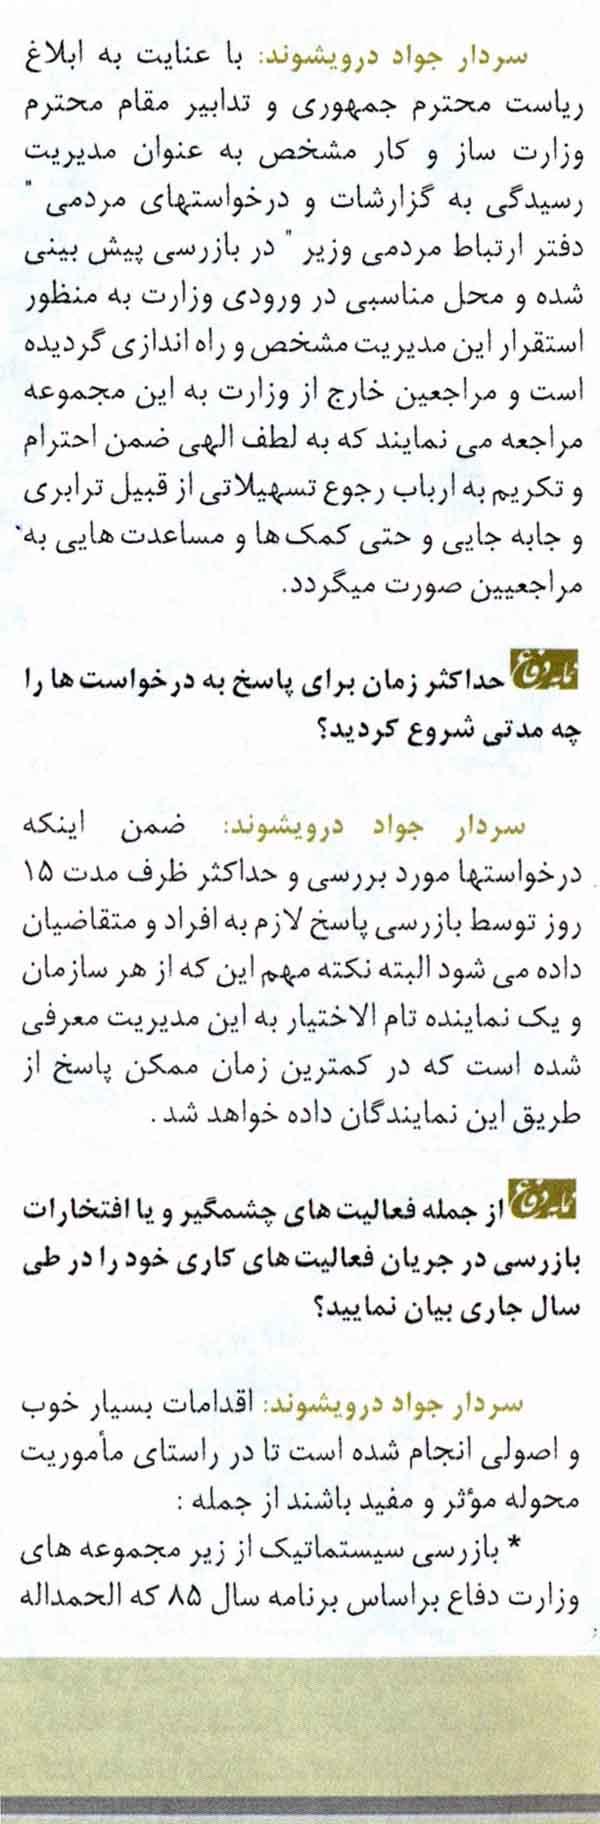 مصاحبه اختصاصی نمایه دفاع با سردار جواد درویش وند- 11